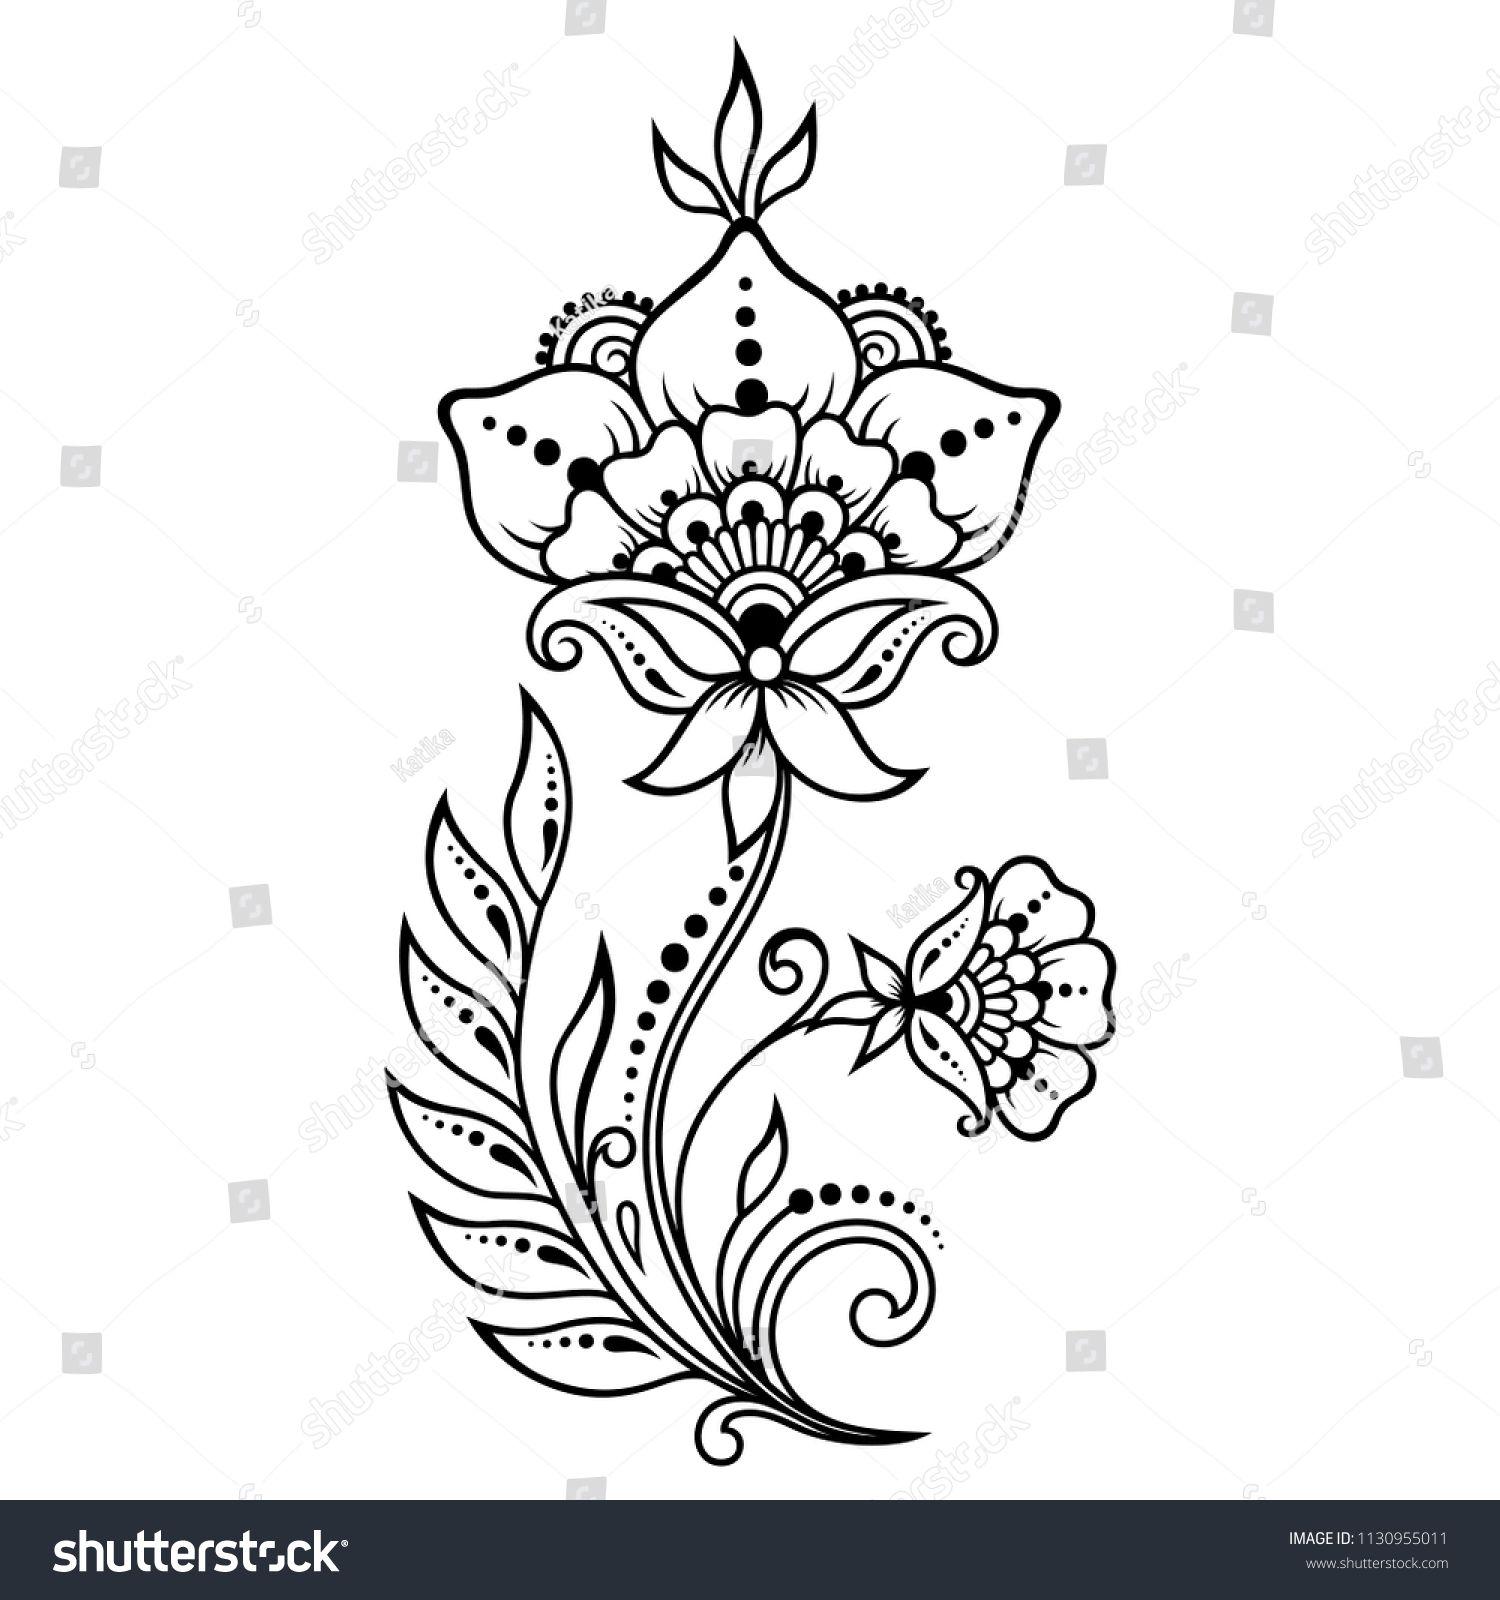 Стоковая векторная графика «Mehndi Flower Pattern Henna Drawing Tattoo» (без лицензионных платежей), 1130955011